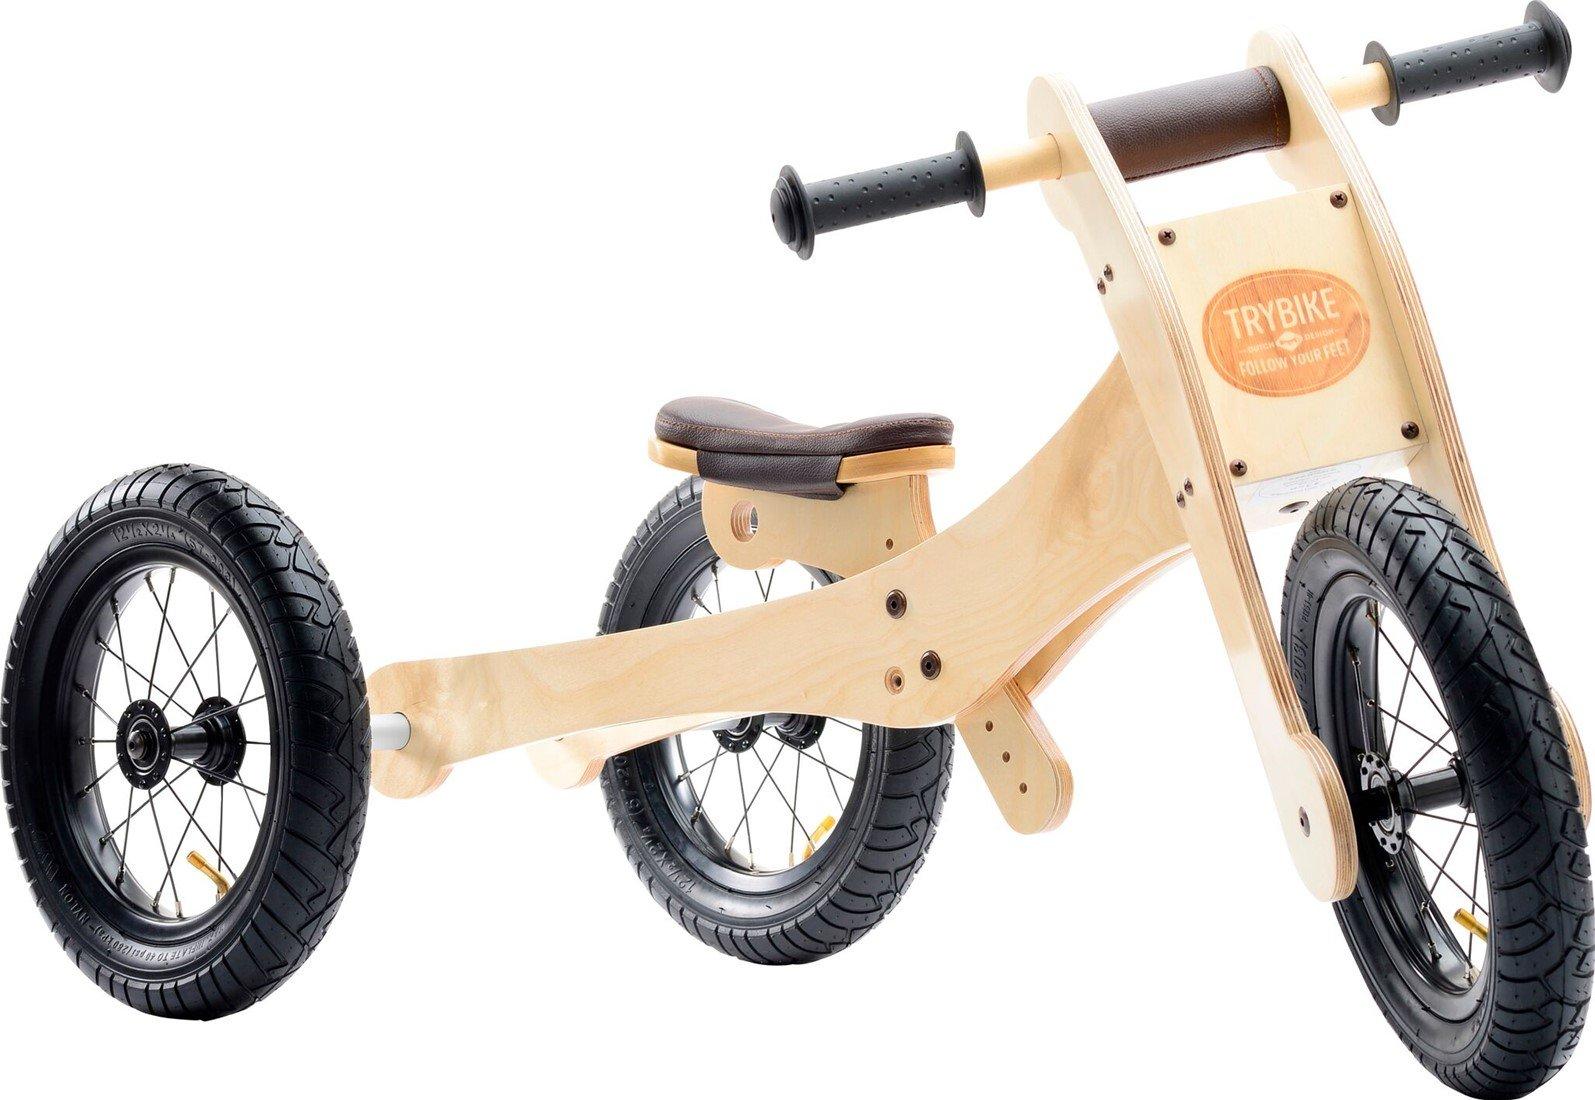 Trybike - 4-in-1 Wood trybike